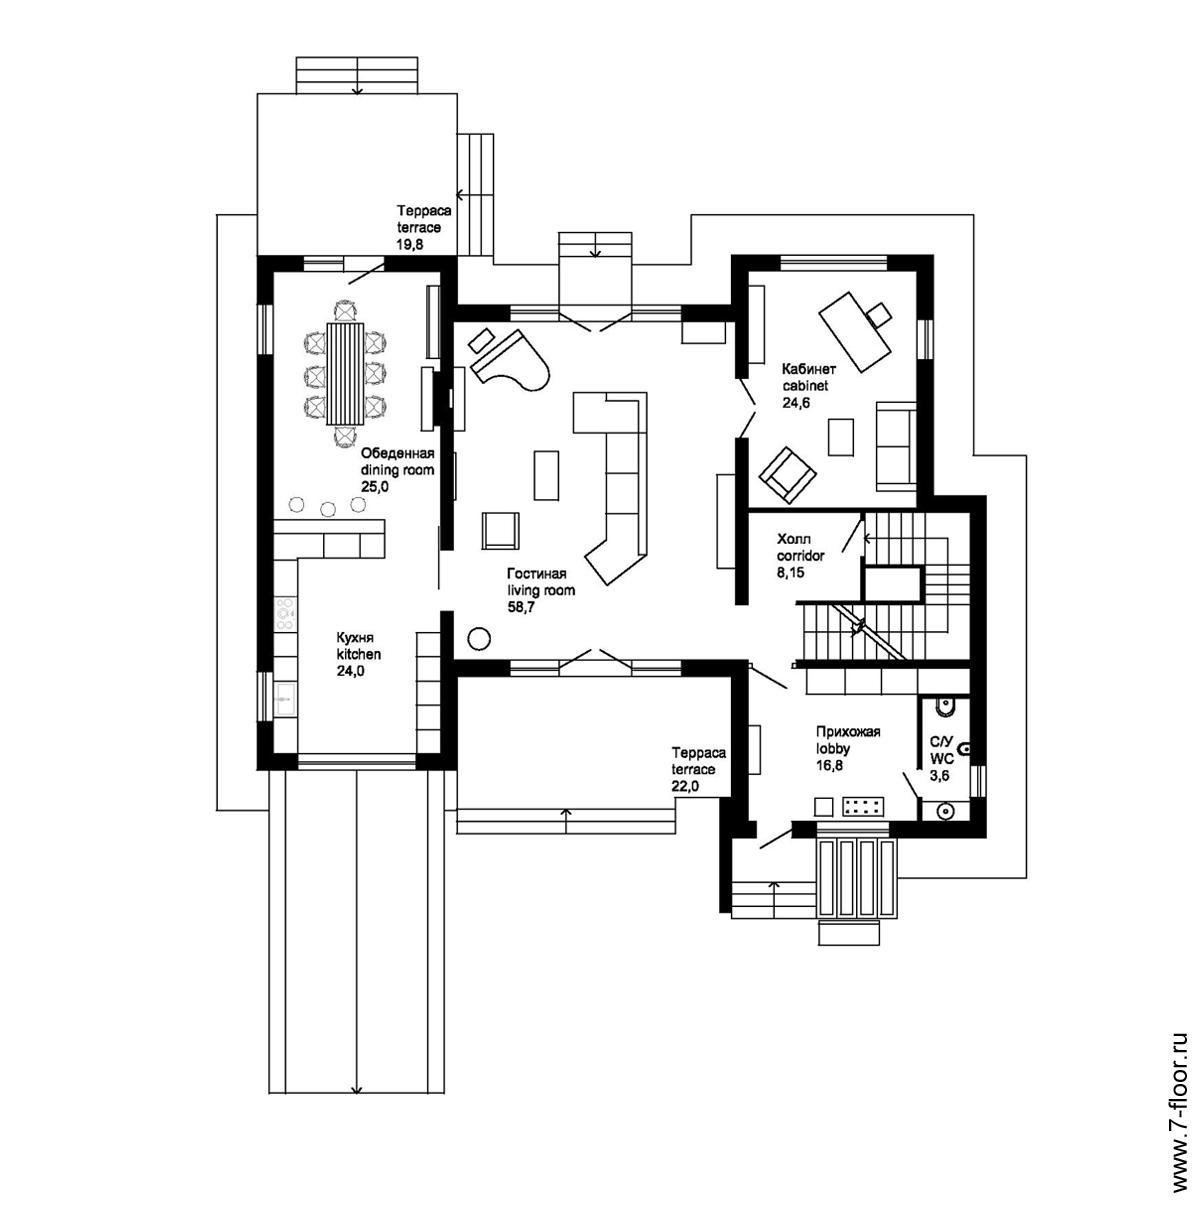 Проект-двухэтажного-жилого-дома-T-house-план-1-го-этажа-11